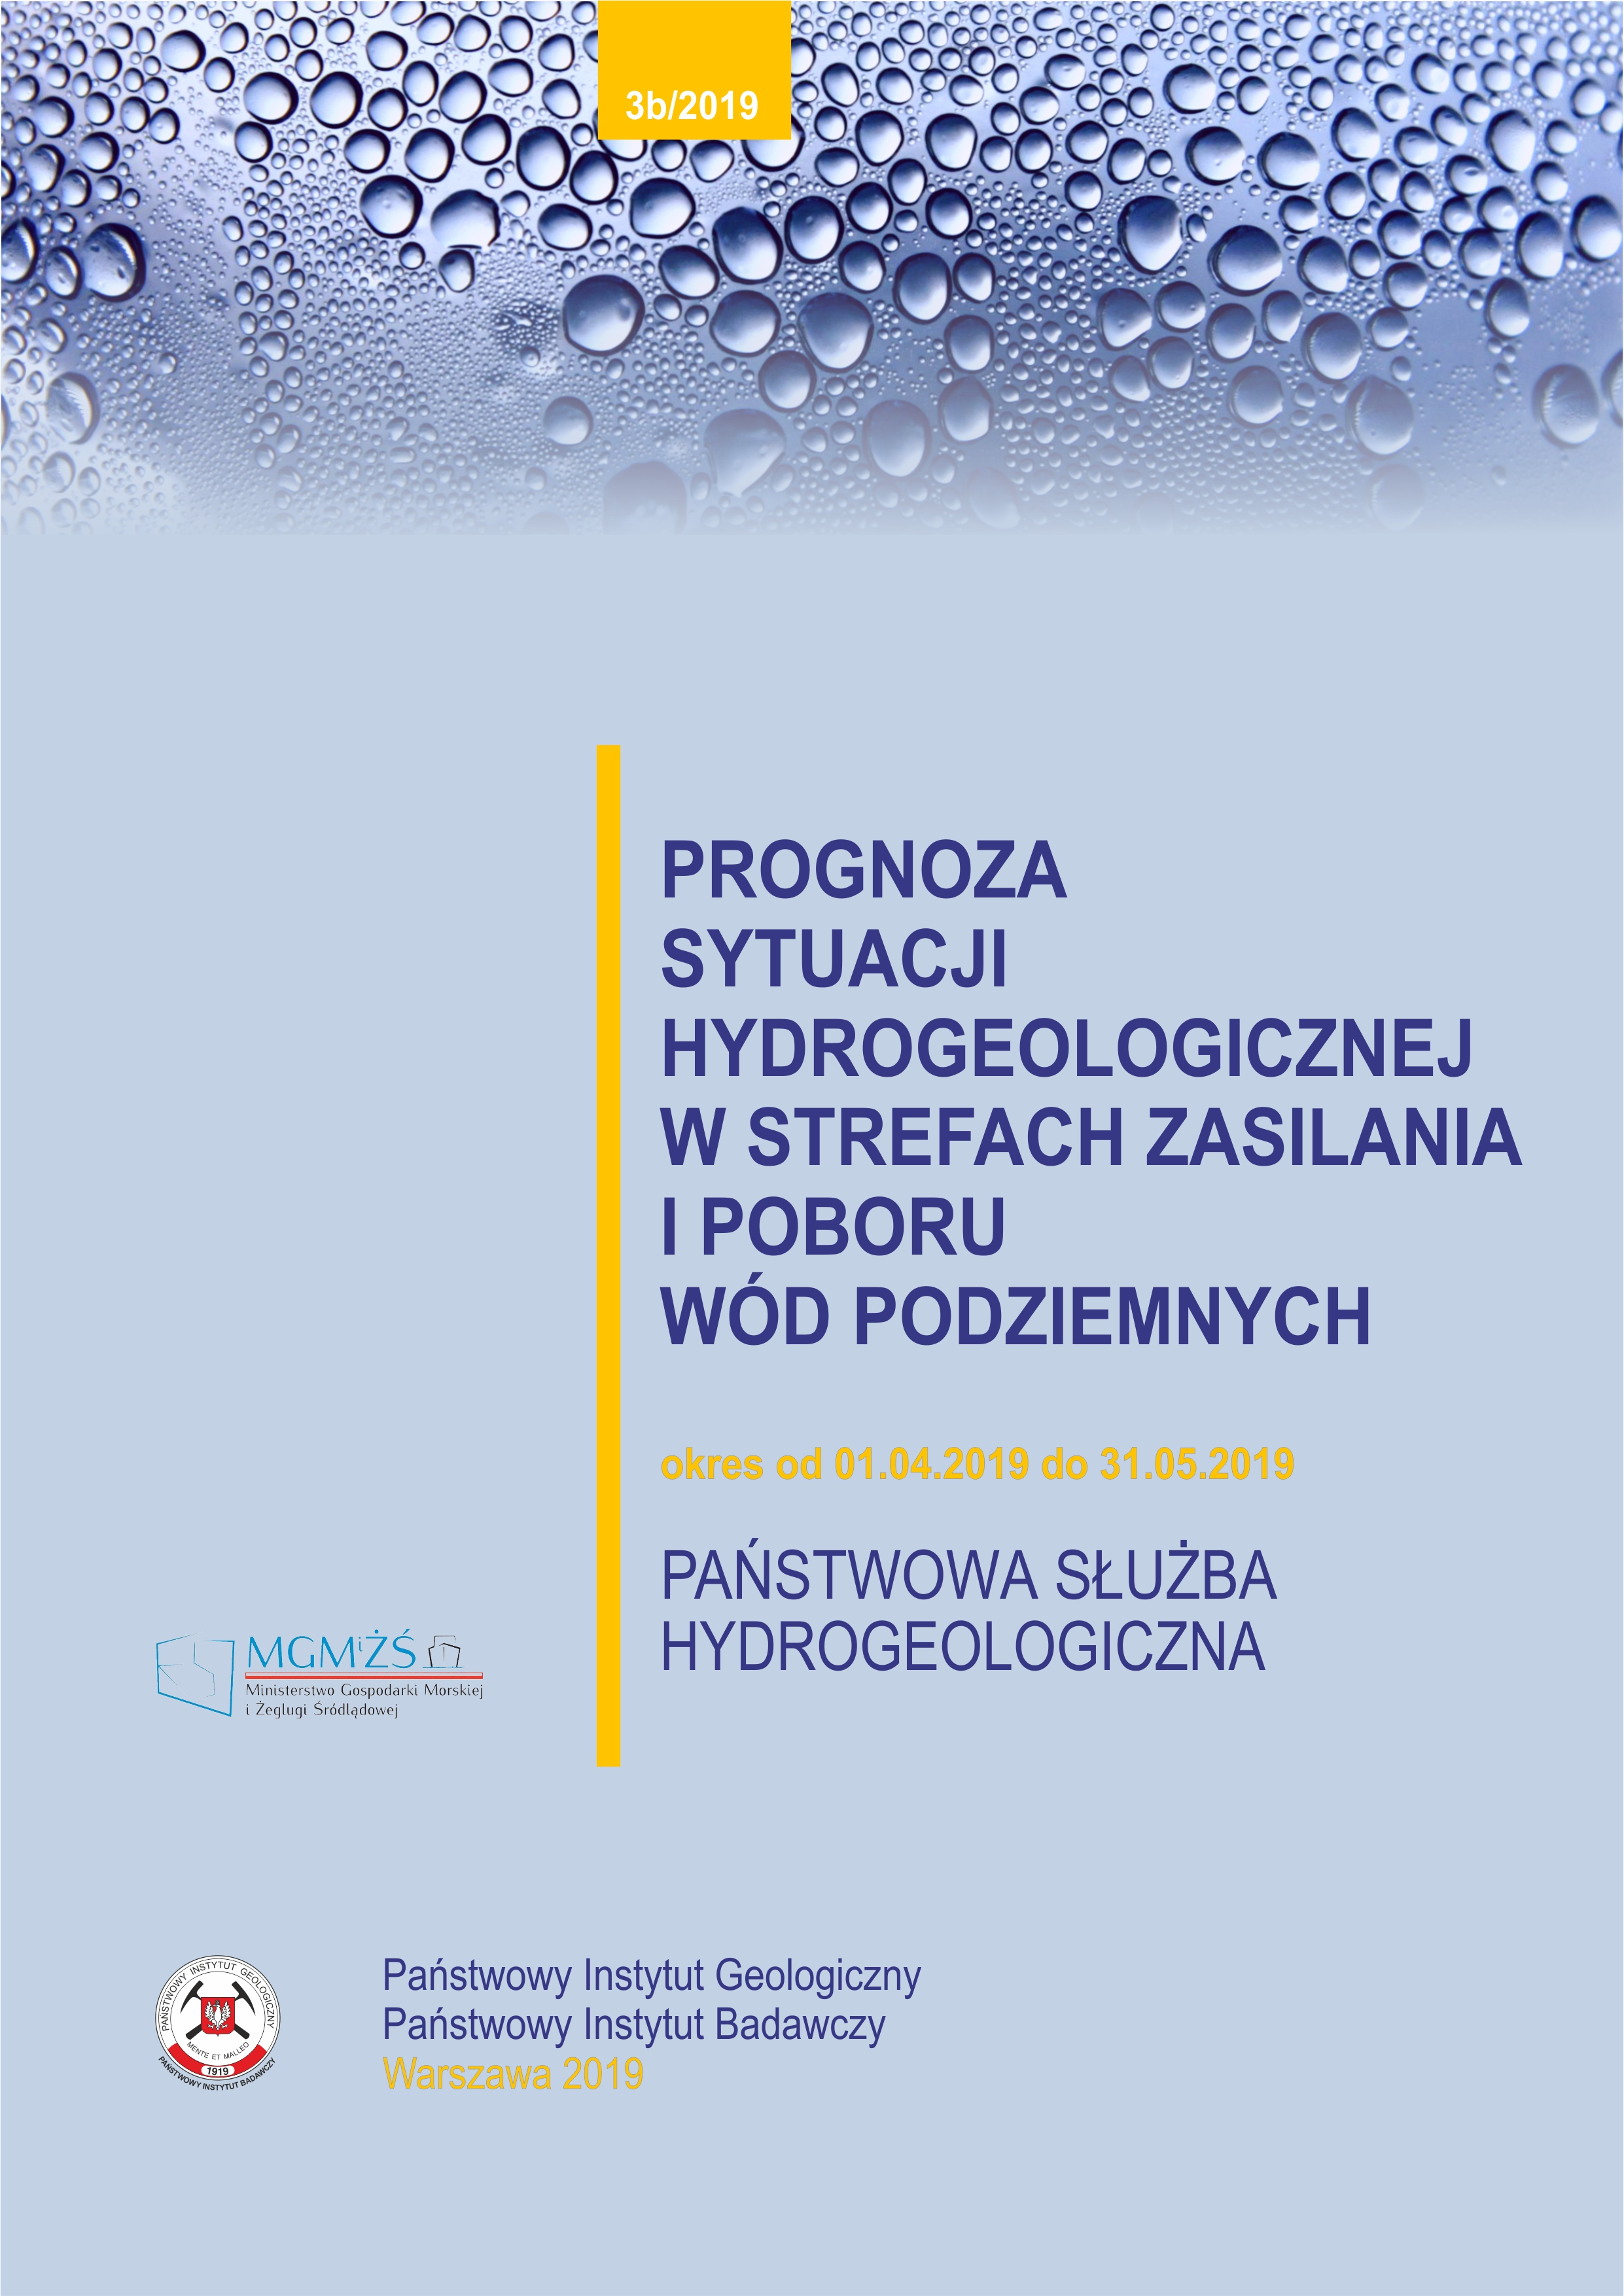 Prognoza sytuacji hydrogeologicznej w strefach zasilania i poboru wód podziemnych 01.04.2019 - 31.05.2019